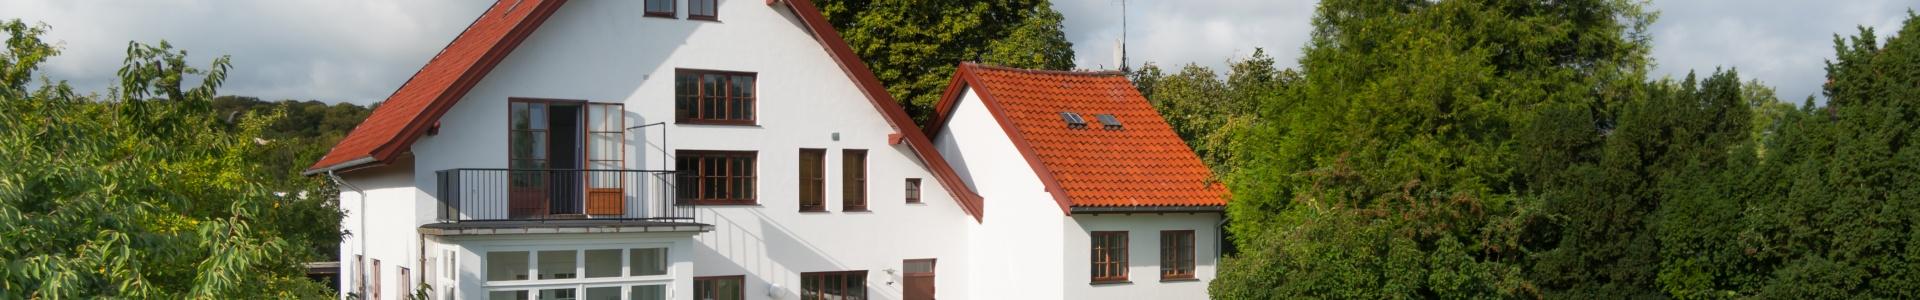 Villa mondæn ejendom Rungsted Kyst havn station hegn golf Kokkedal slot Rungstedlund bytorv midtpunkt hørsholm transport terrasse altan herskabsvilla hus pragtvilla rummelig lysindfald Bukkeballevej gamle Rungsted